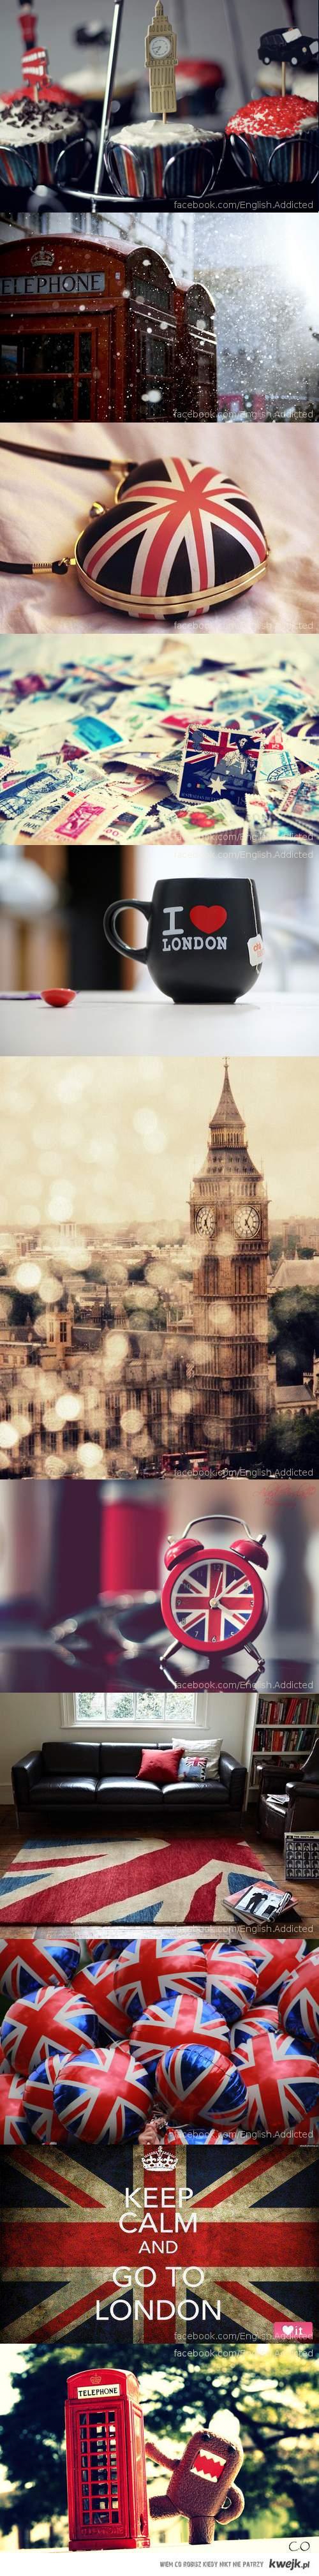 <3 London